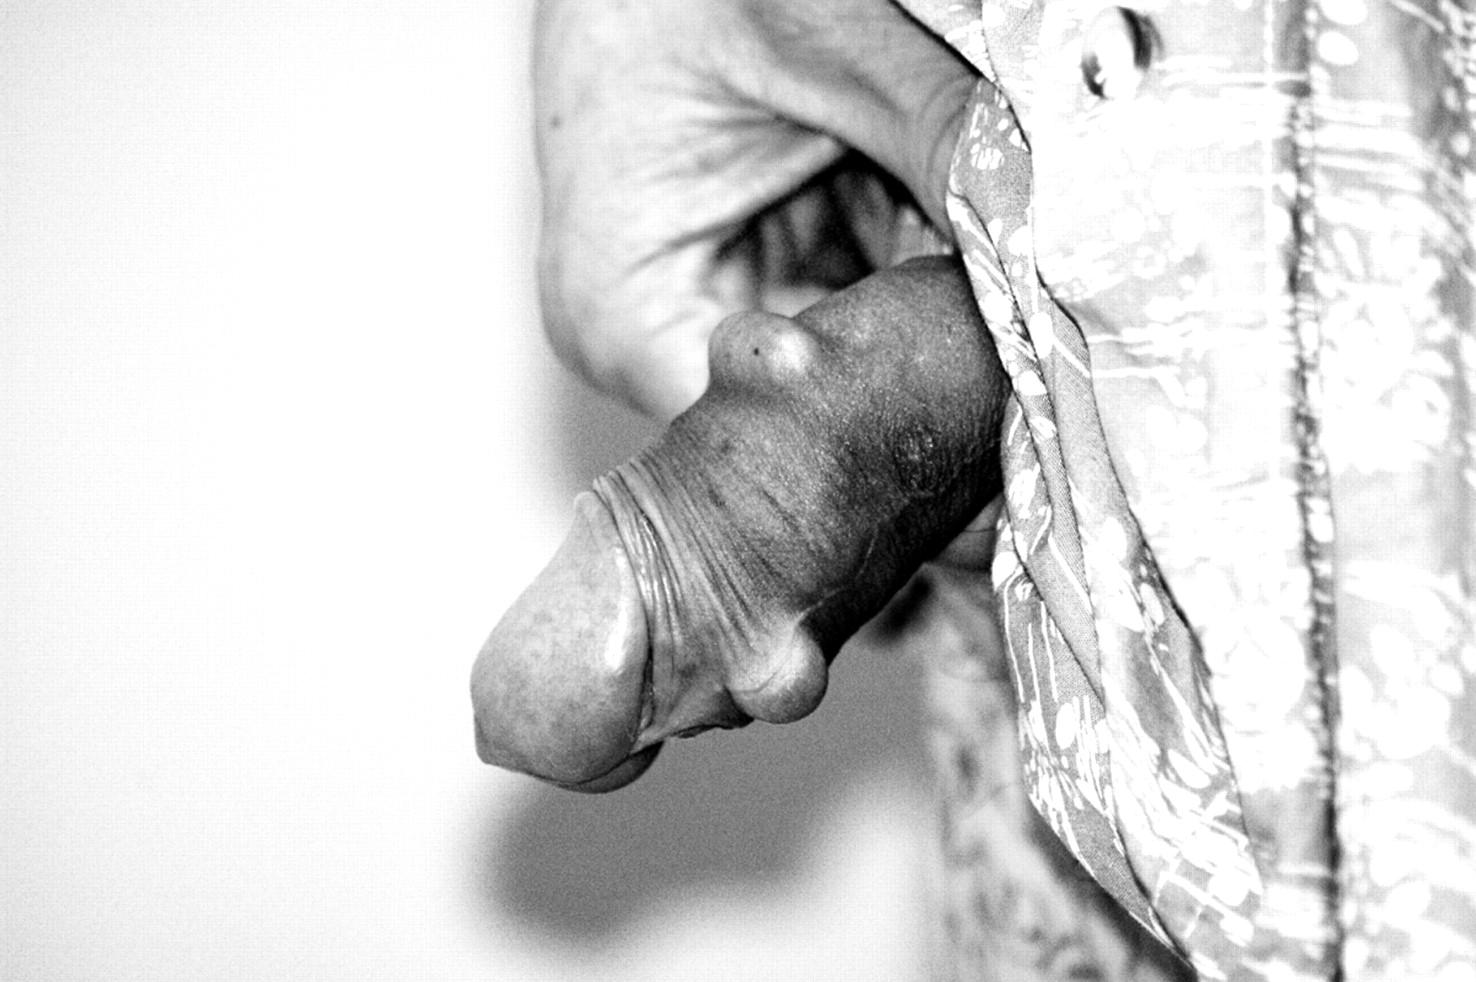 Penis Marble 114